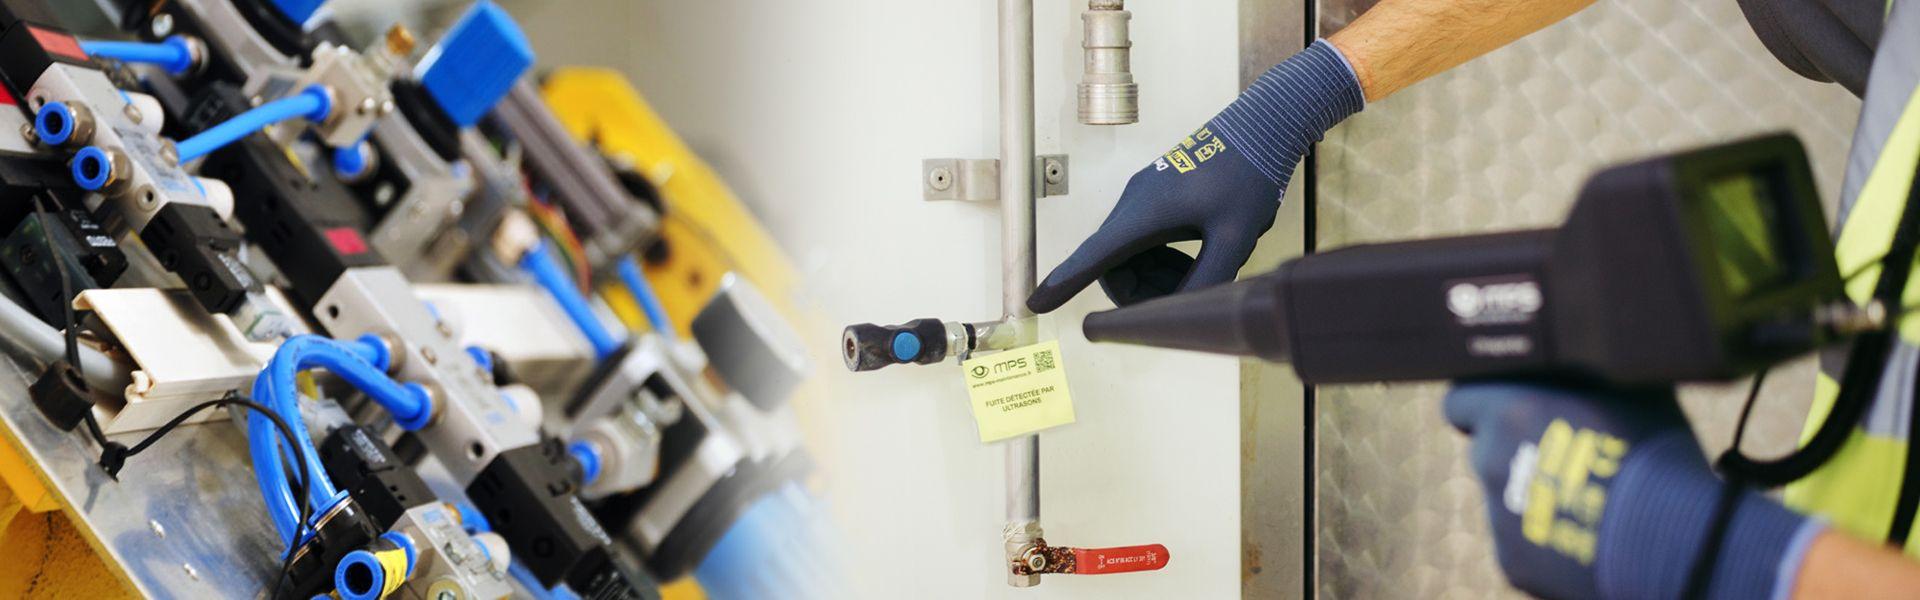 Recherche de fuites air comprimé gaz vapeur ultrasons